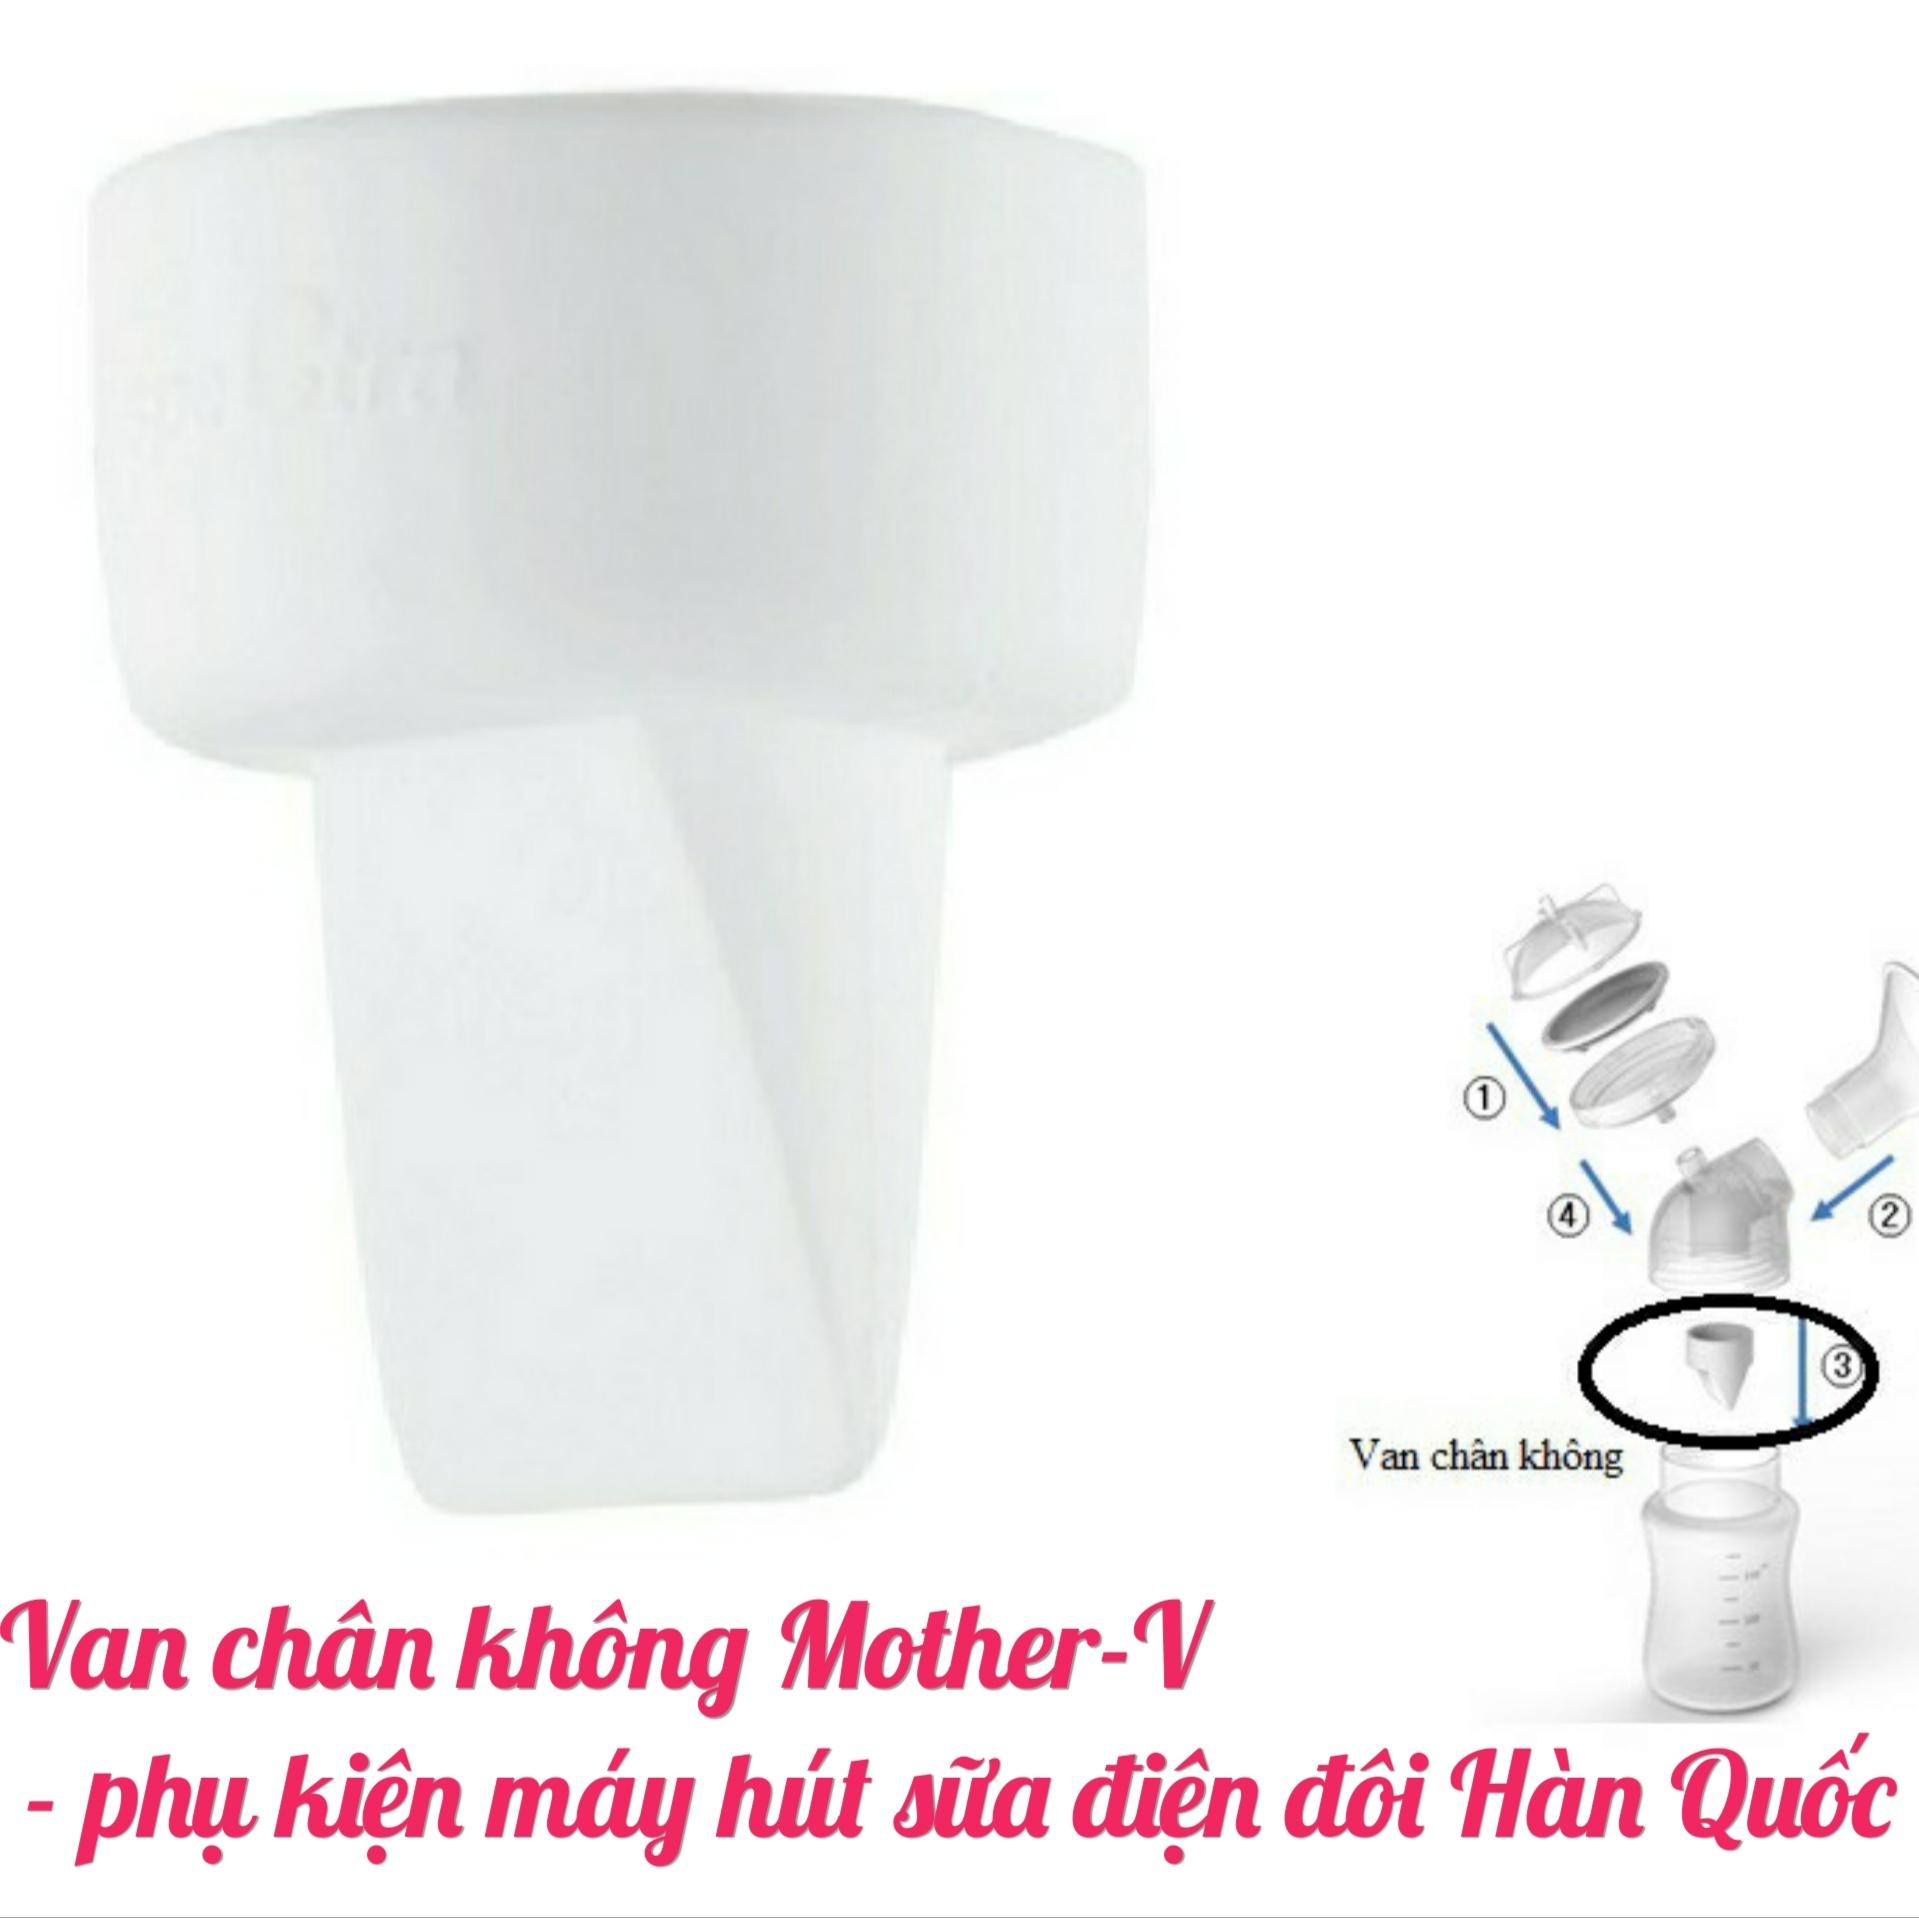 Van chân không Mother V - phụ kiện thay thế máy hút sữa điện đôi Hàn Quốc